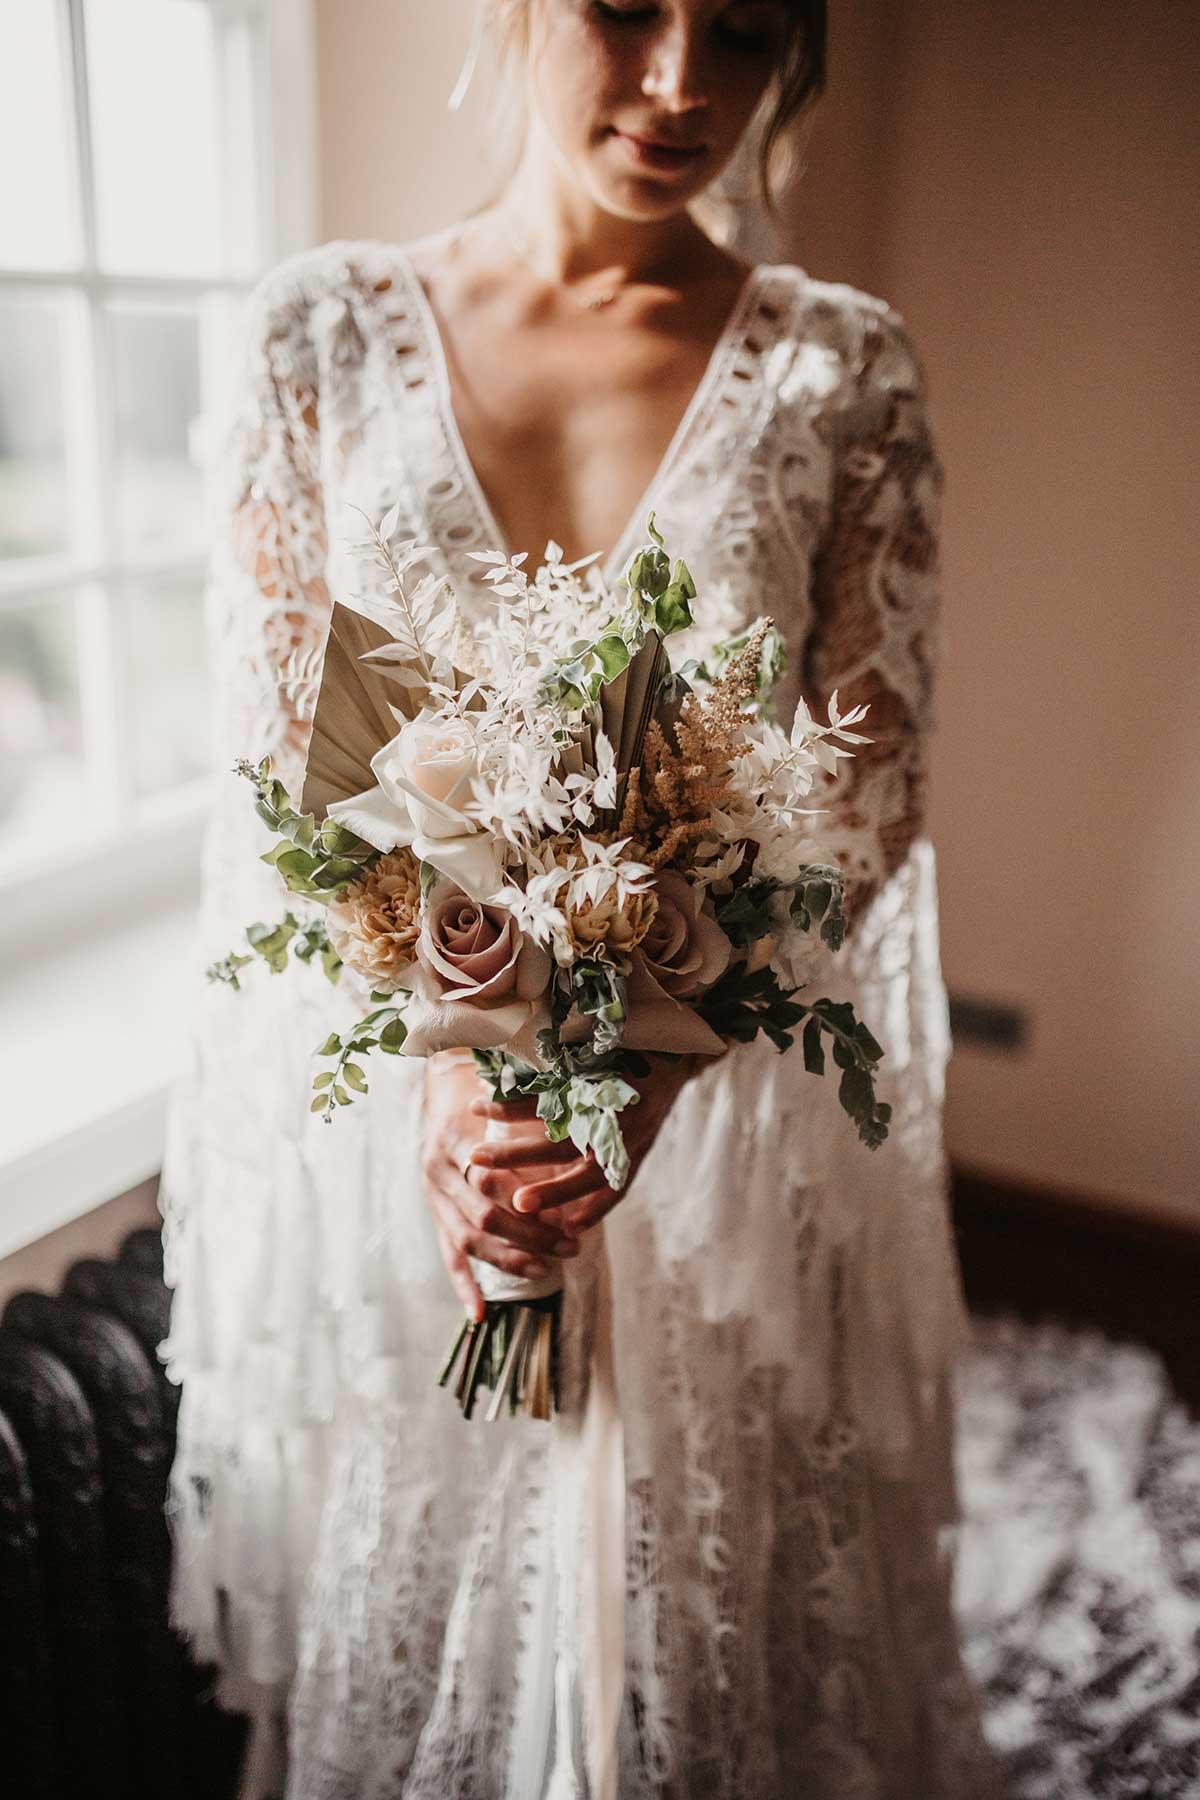 Brautstrauß in zarten Creme -und Brauntönen bei der Boho-Lux Hochzeit